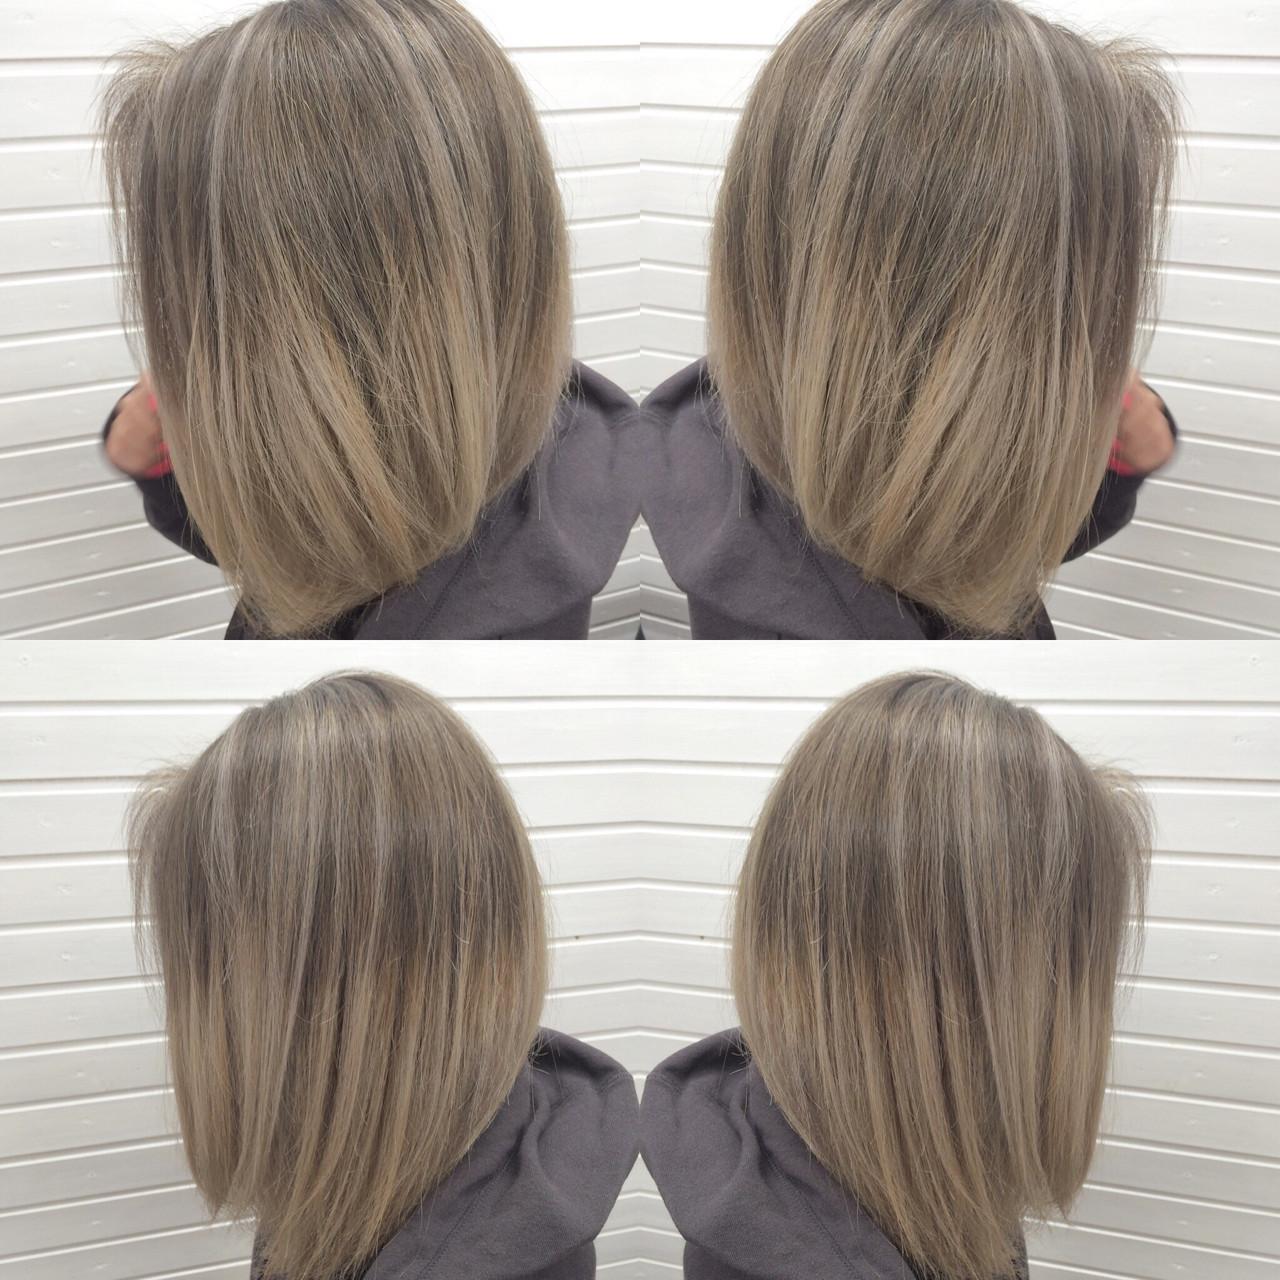 ストリート グラデーションカラー イルミナカラー ボブ ヘアスタイルや髪型の写真・画像